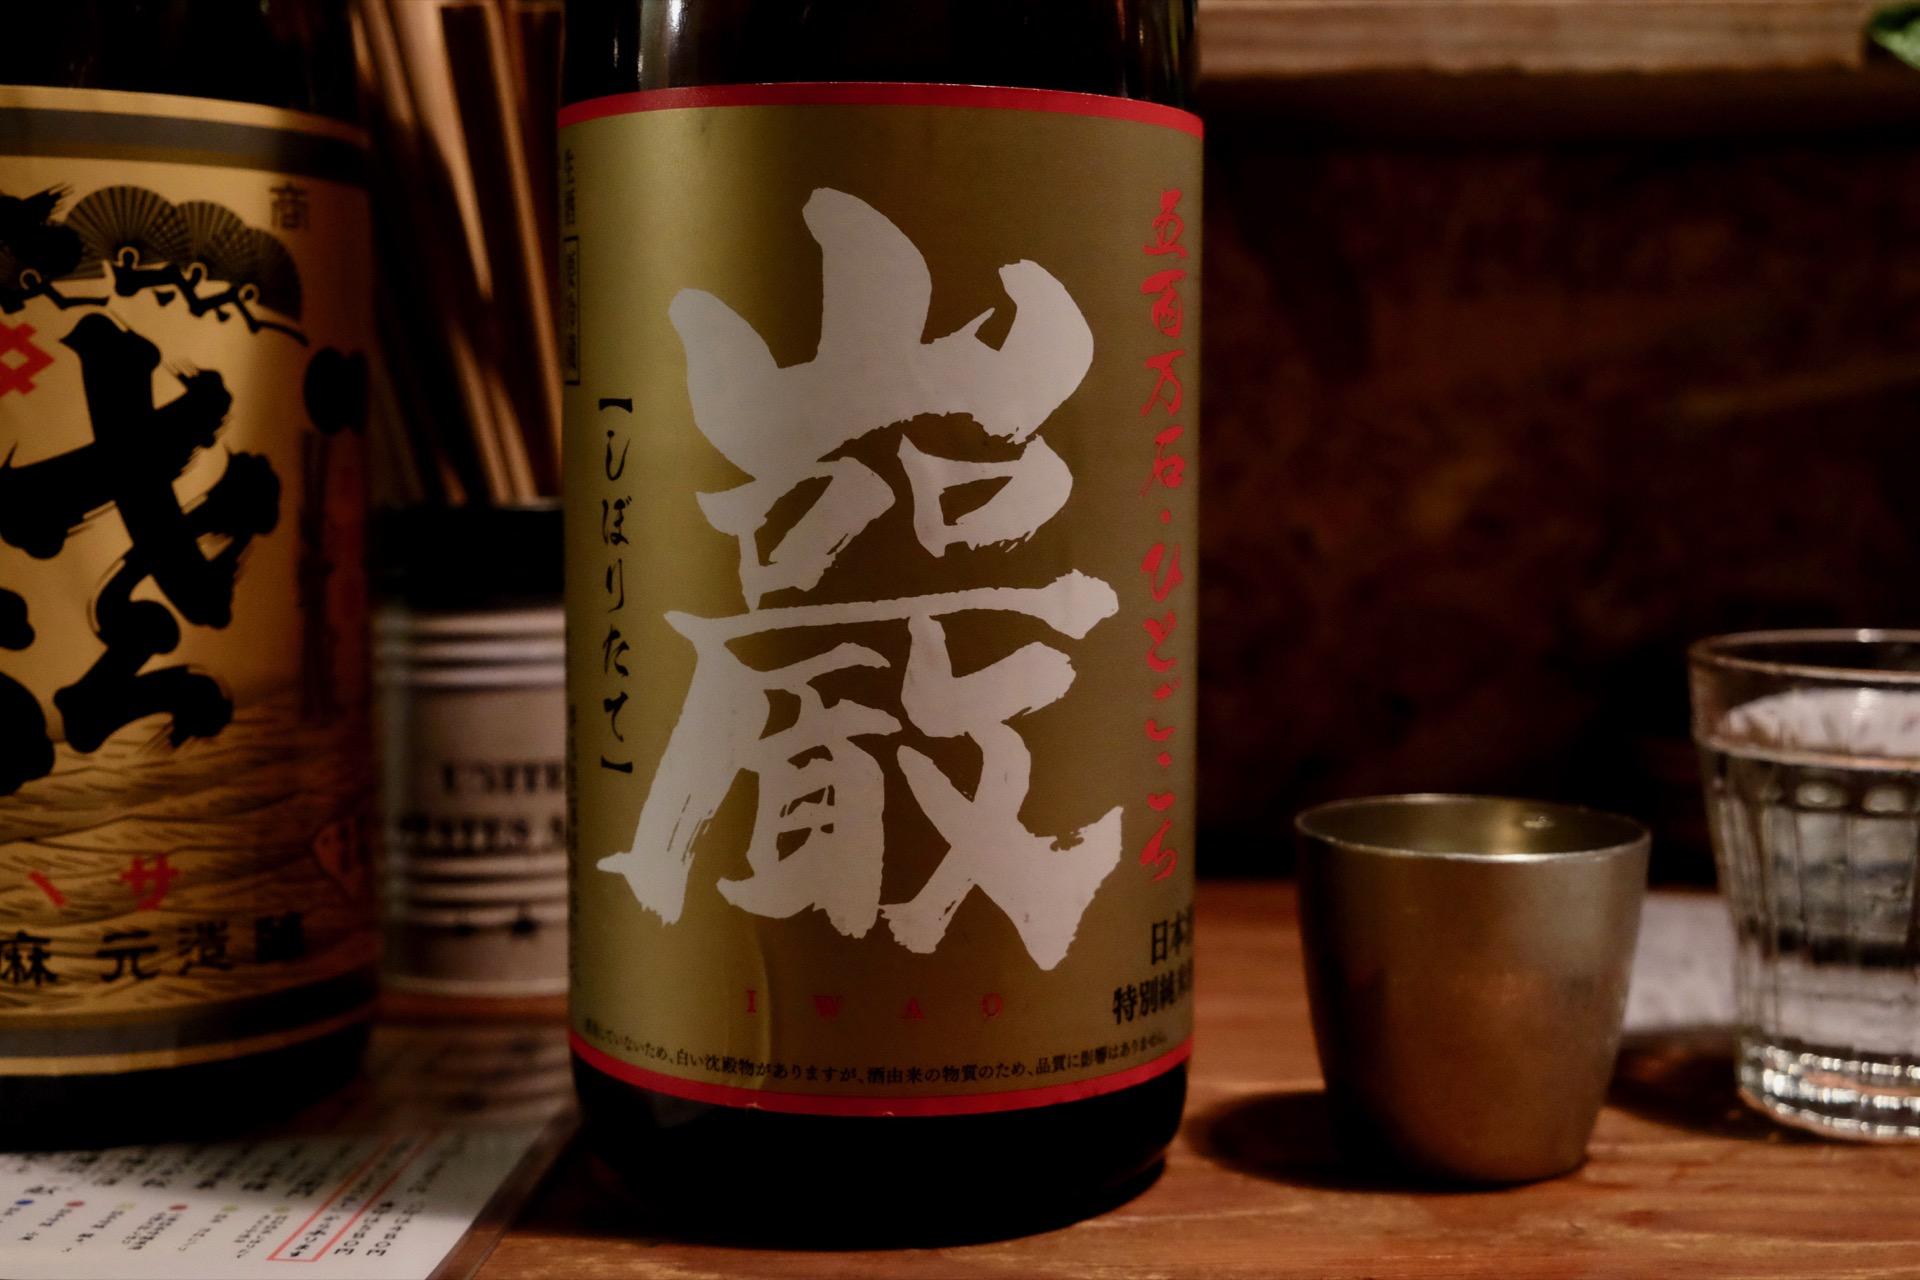 巖 五百万石・ひとごこち しぼりたて 特別純米酒|日本酒テイスティングノート